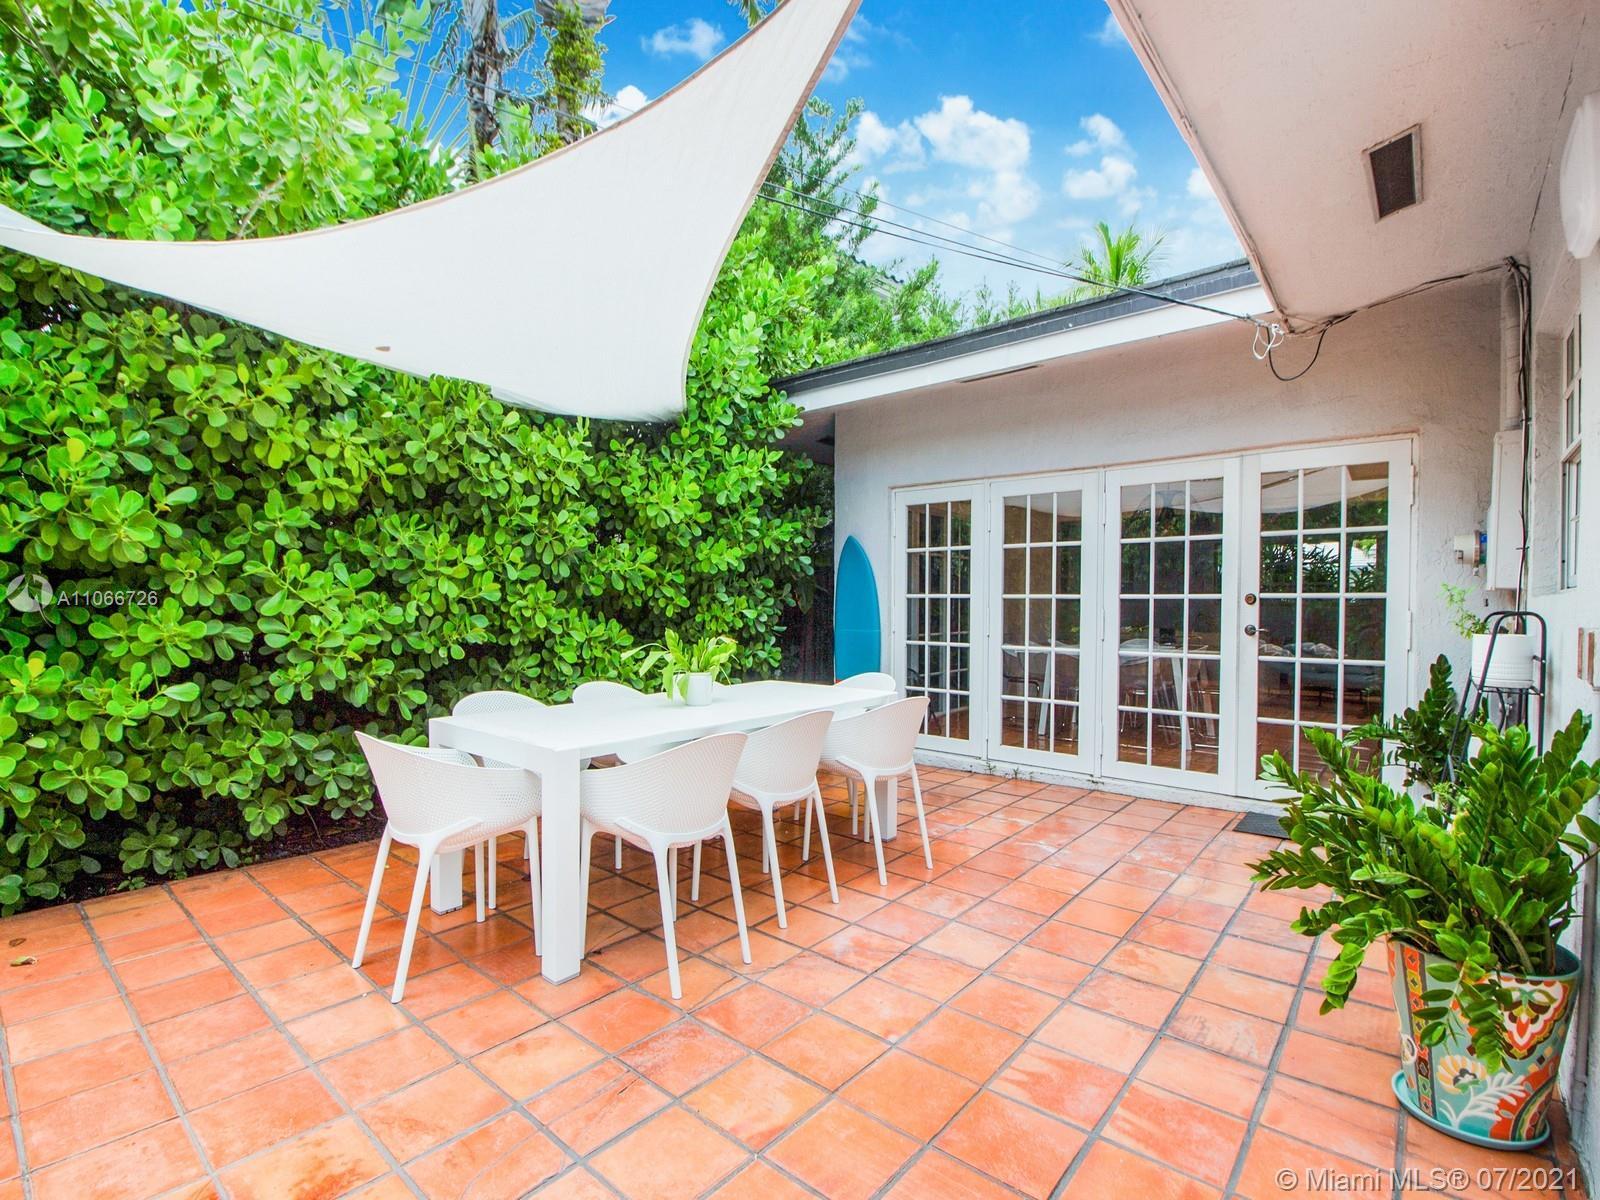 Tropical Isle Homes # - 18 - photo